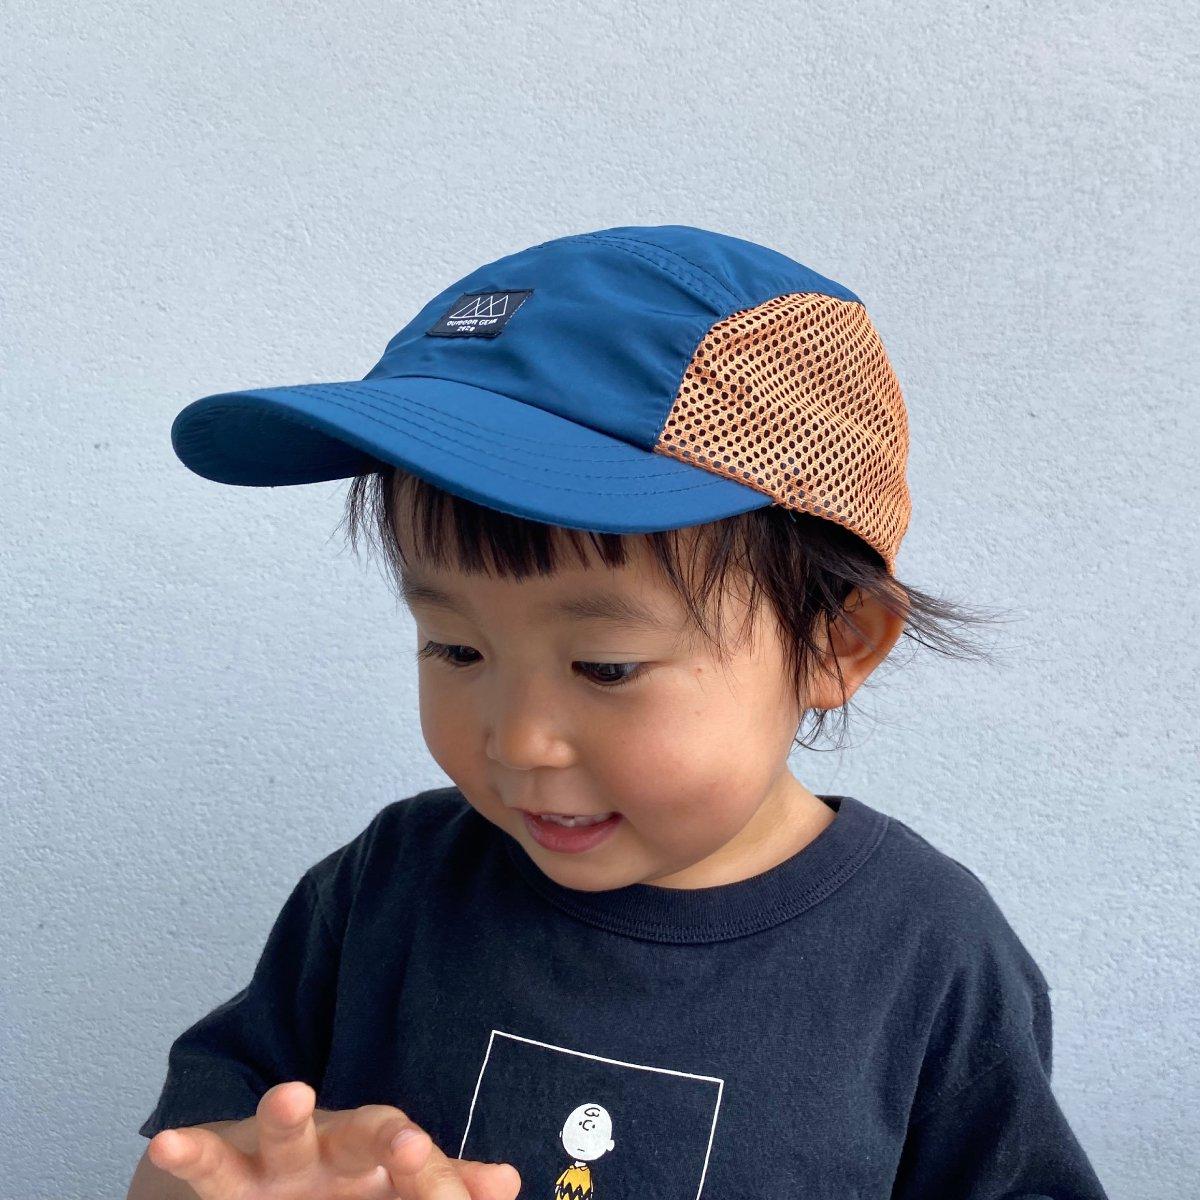 【KIDS】Kids Gear Jet Cap 詳細画像17